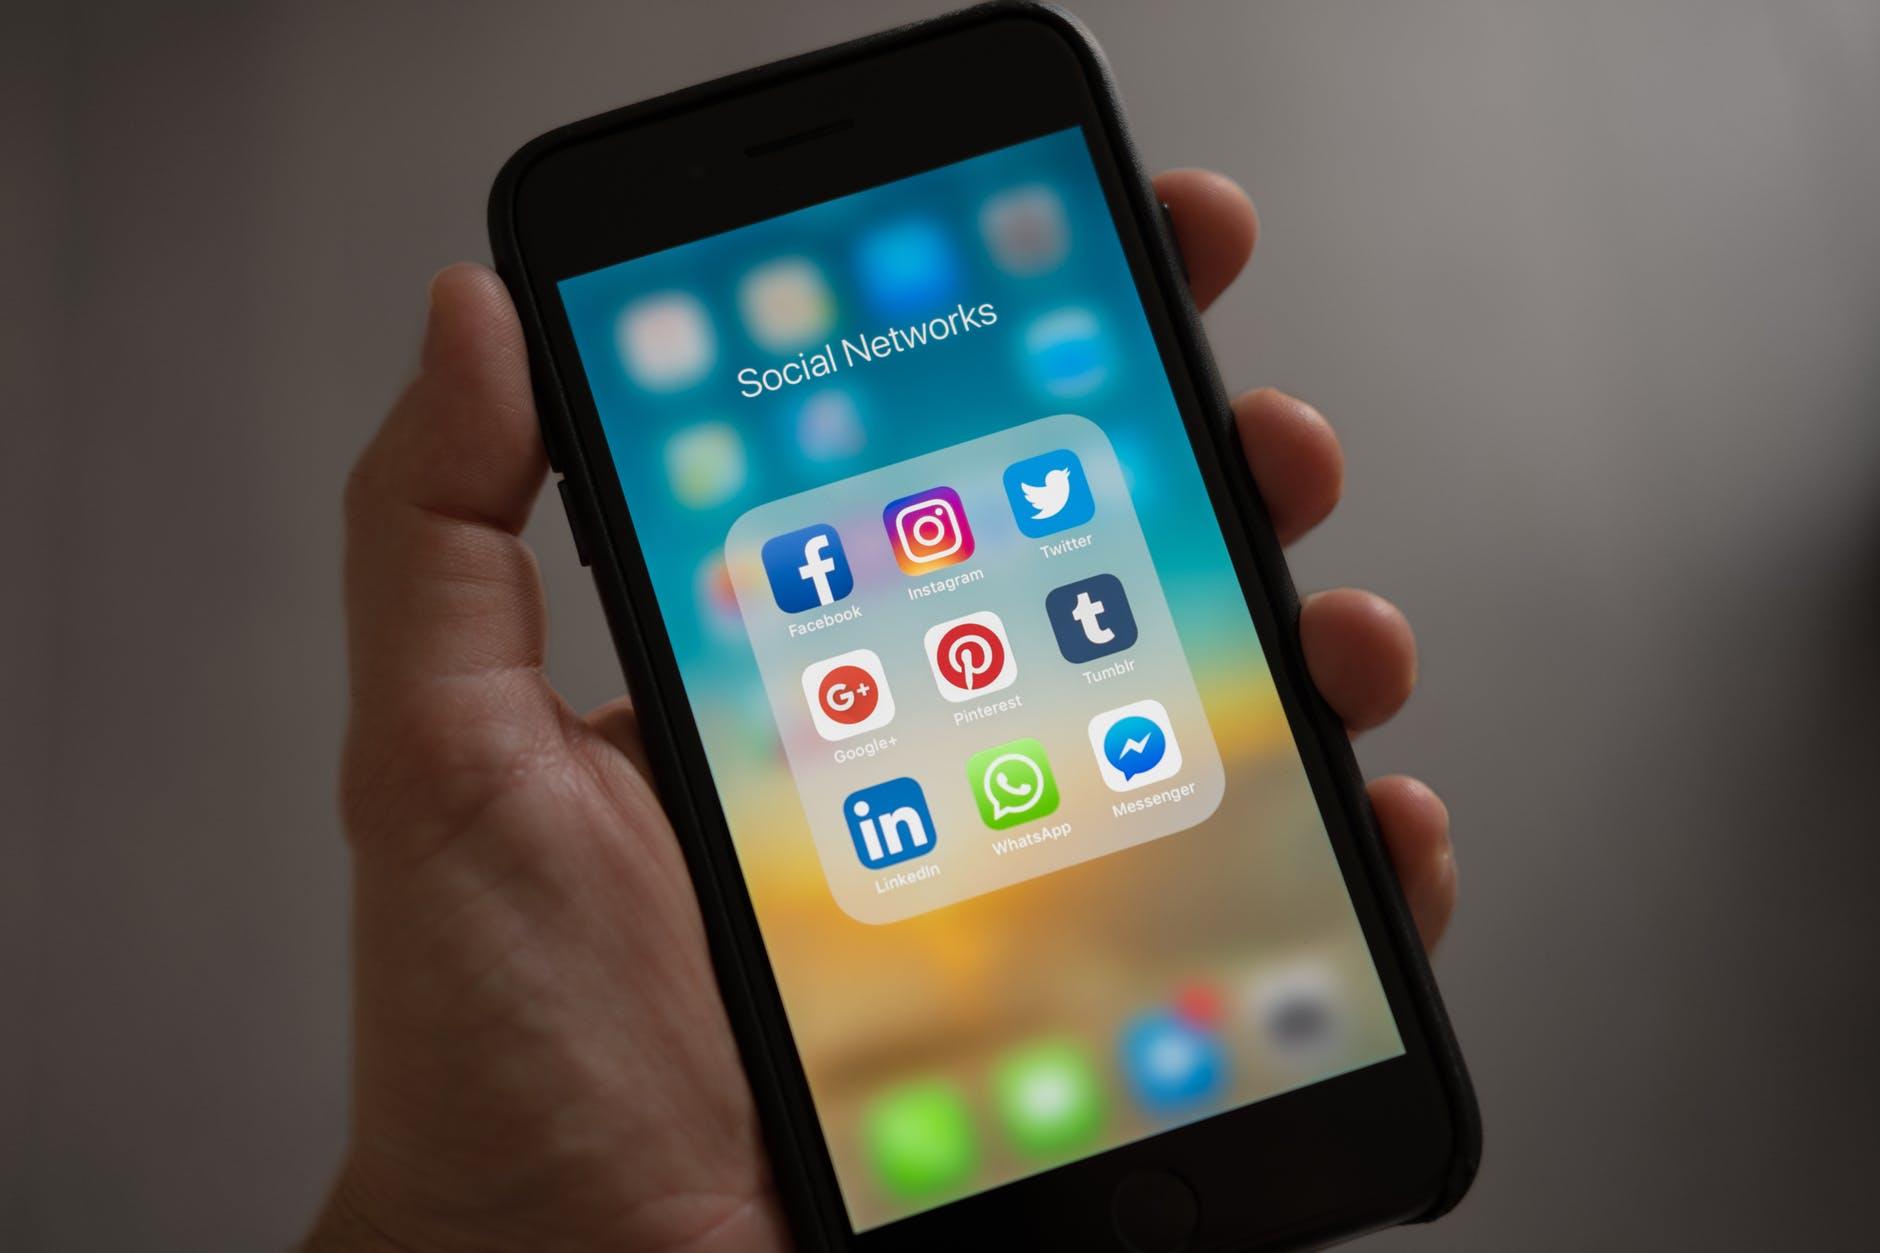 Cách sử dụng mạng xã hội hiệu quả để bán hàng nhanh hơn